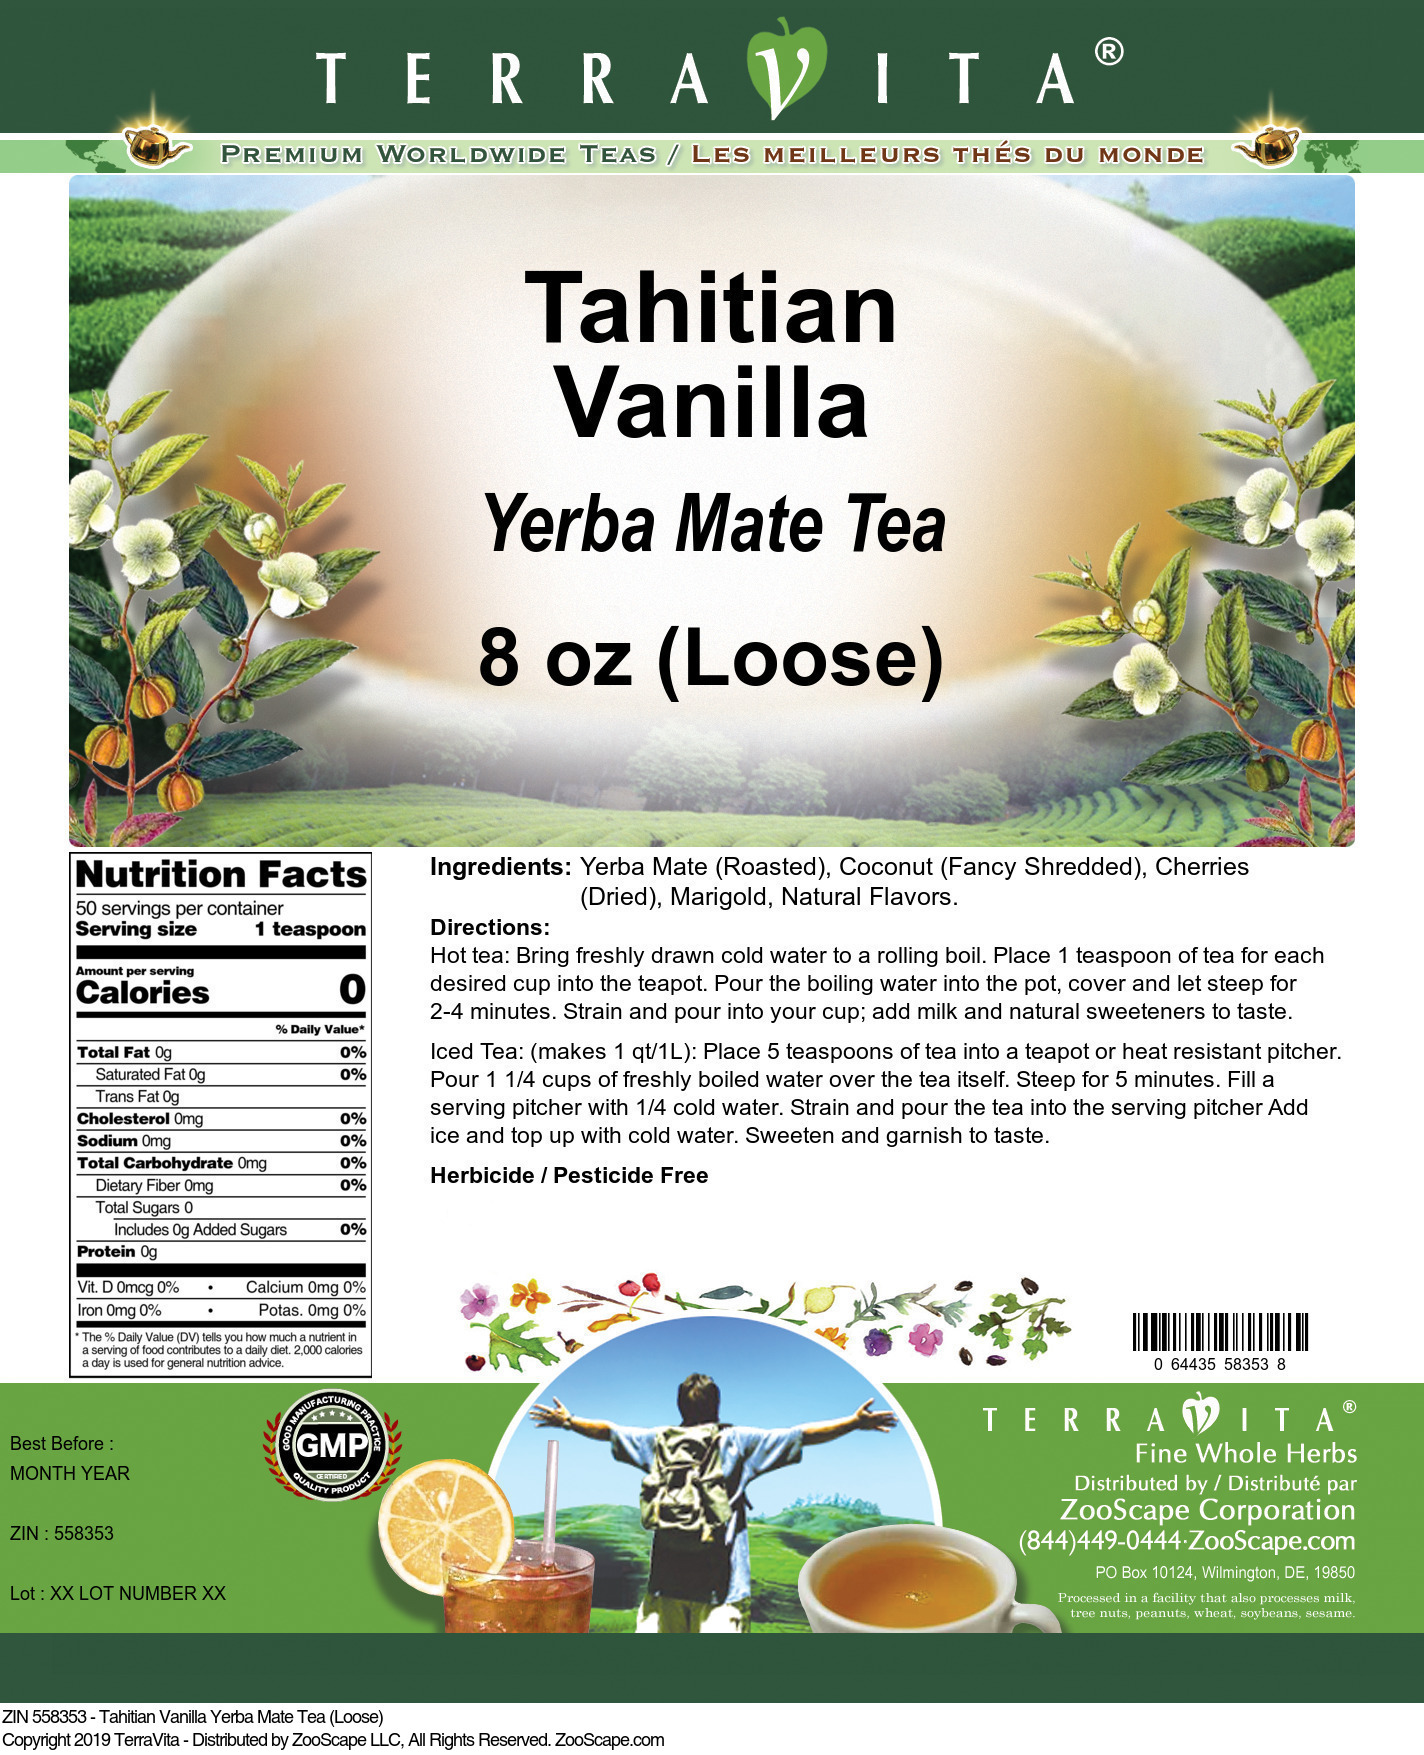 Tahitian Vanilla Yerba Mate